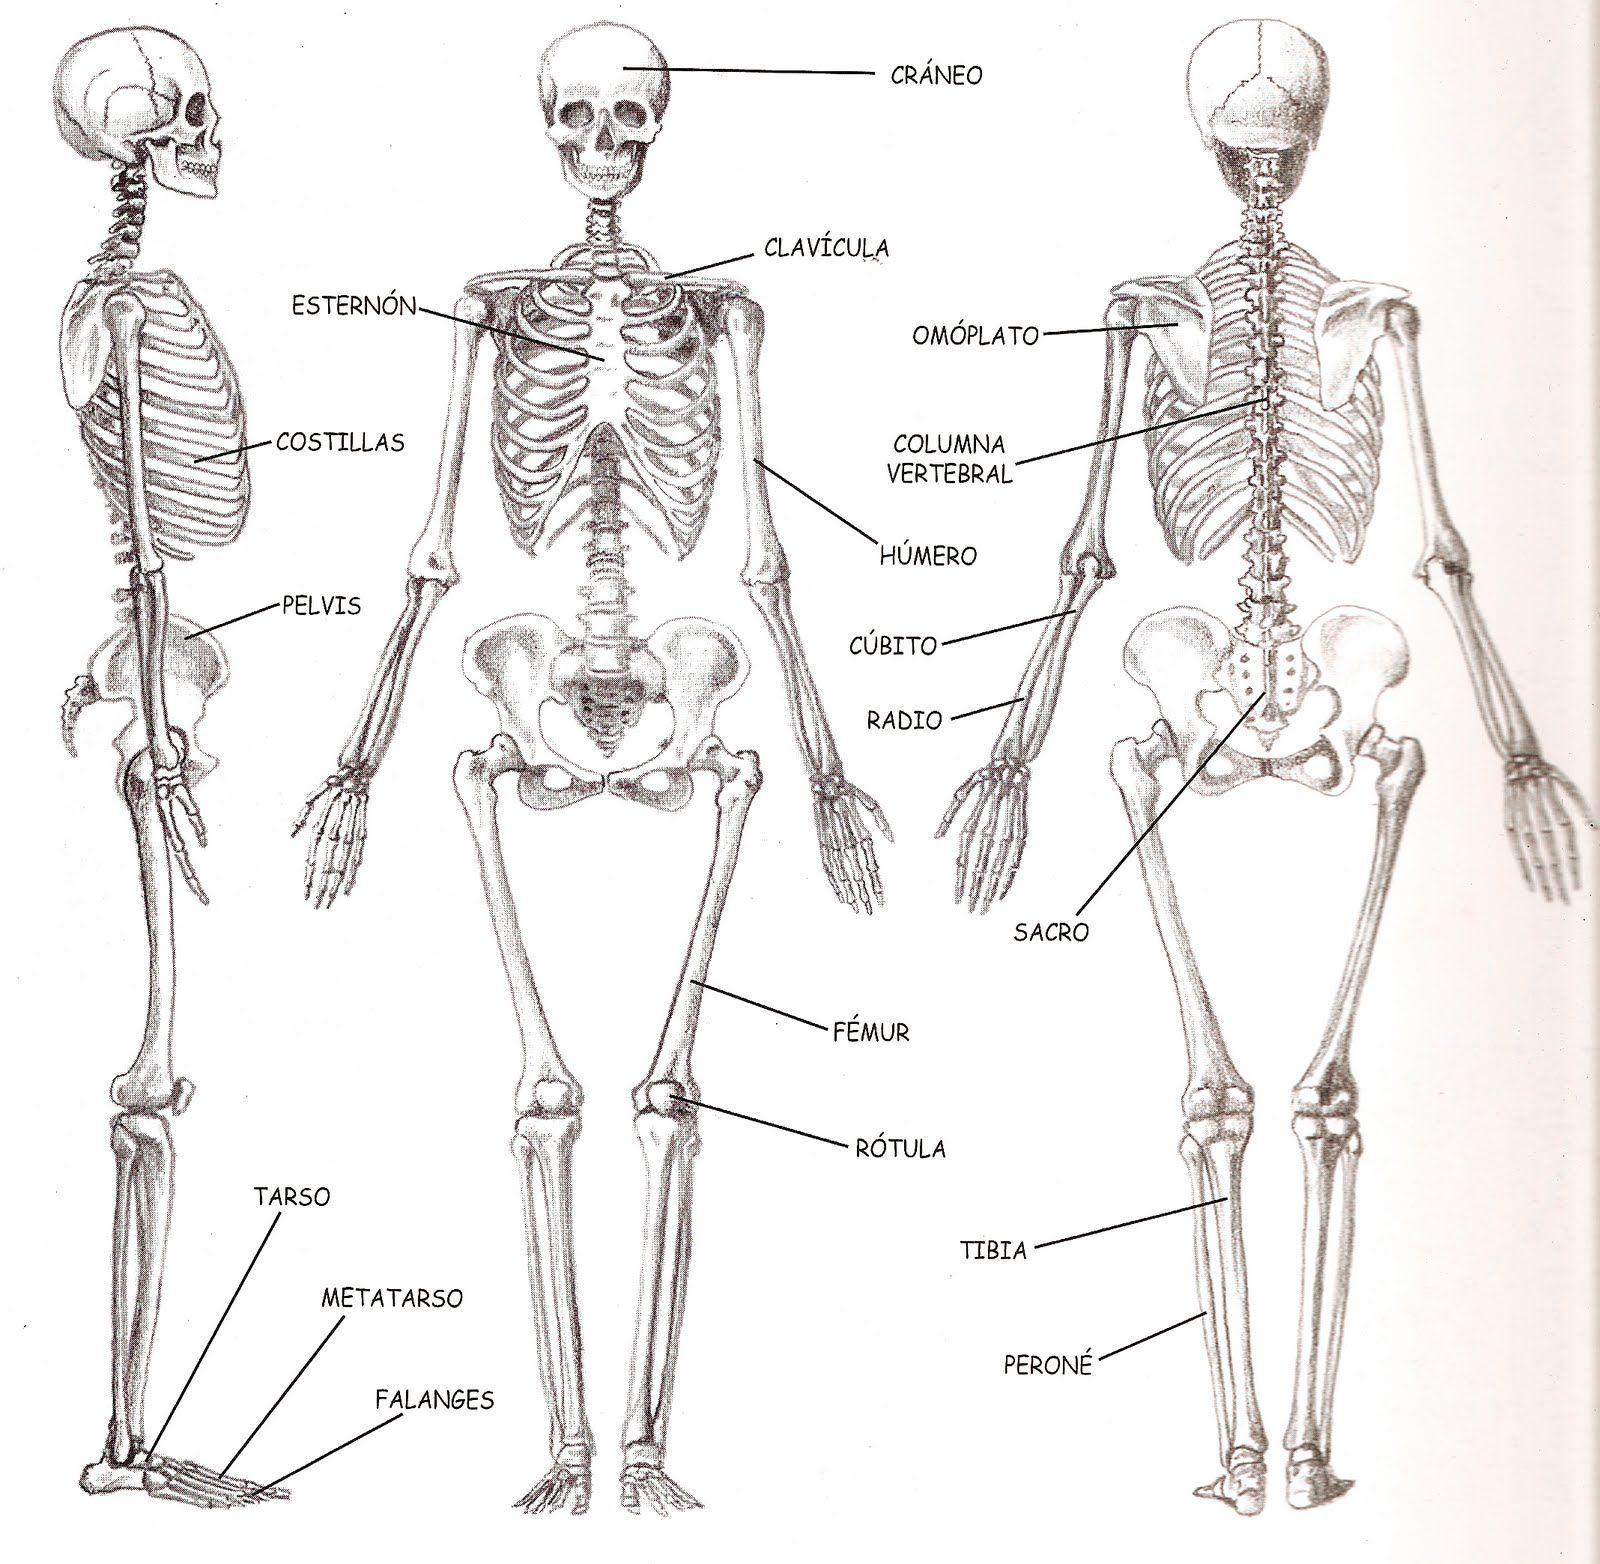 2a0ea42f751 Anatomia Musculos, Esqueleto Dibujo, Esqueleto Humano, Huesos Y Musculos,  Musculos Del Cuerpo